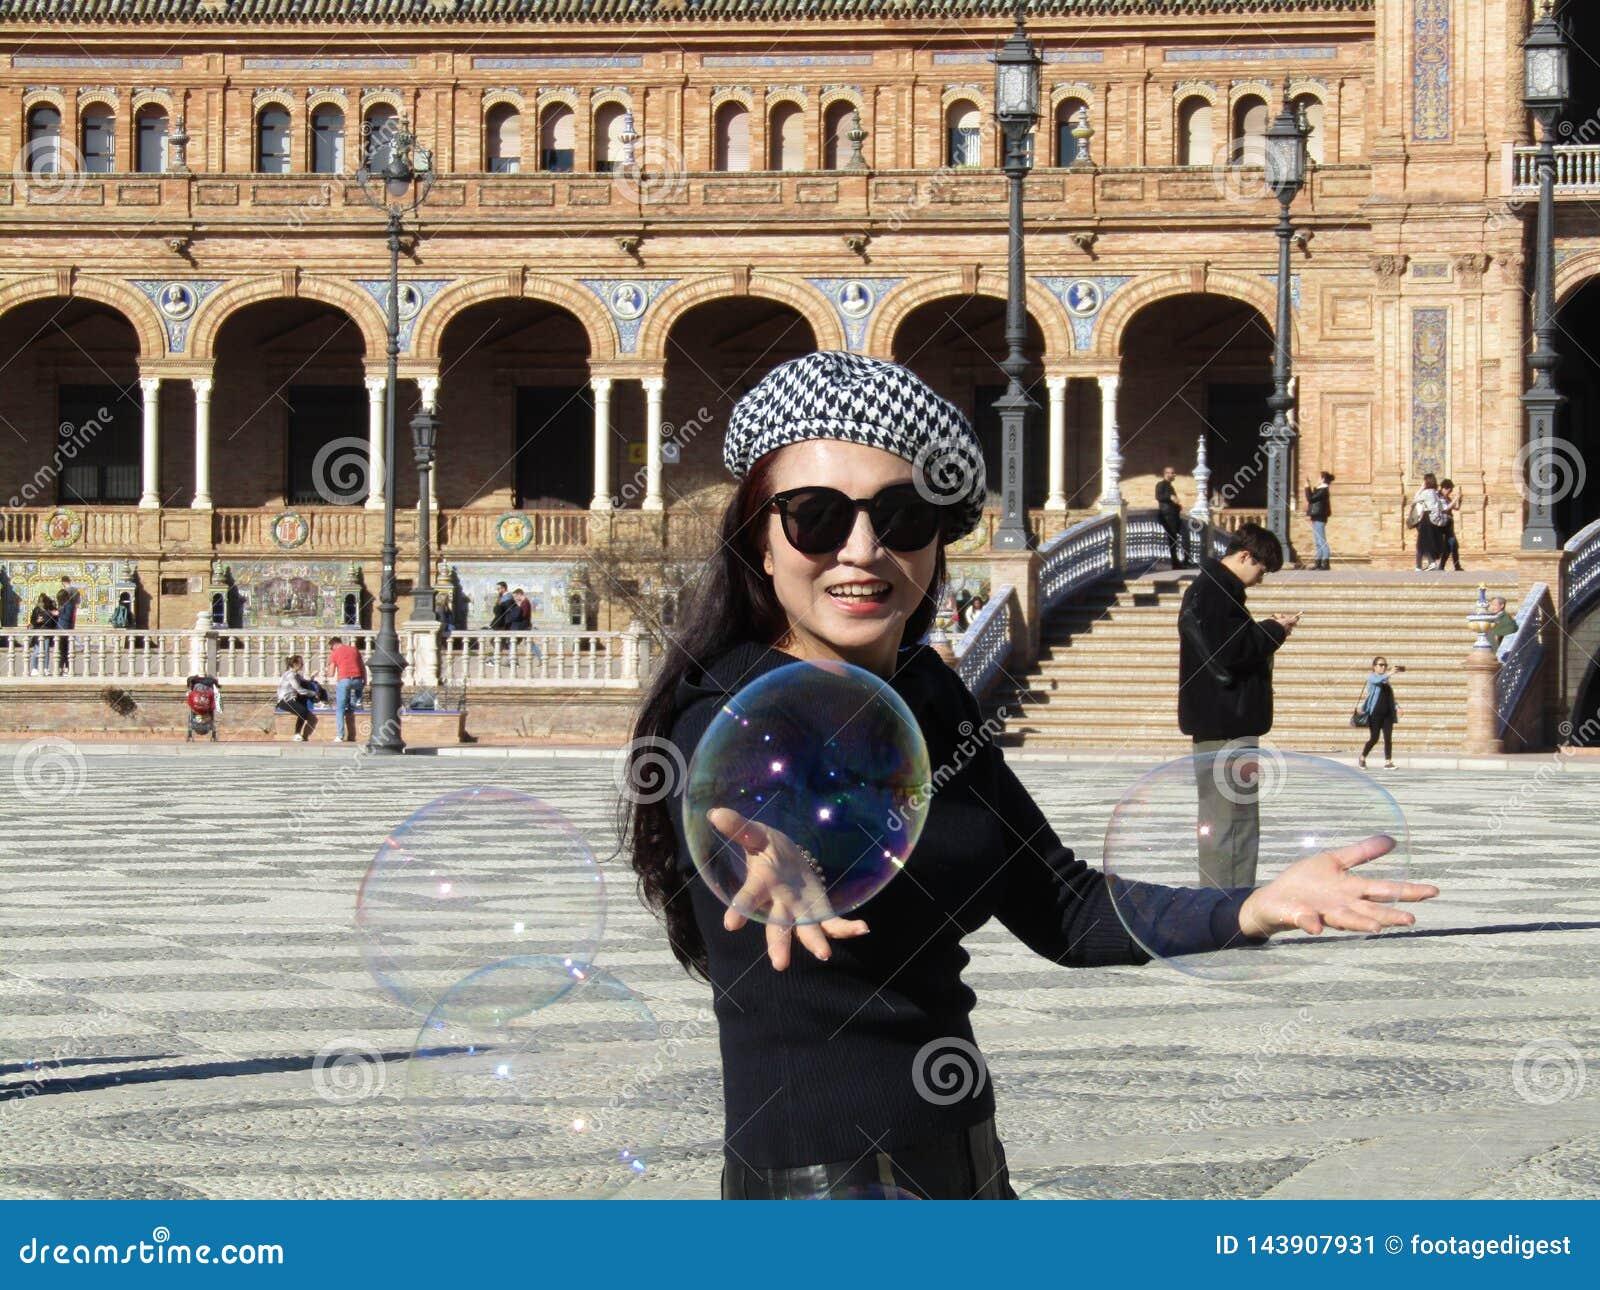 塞维利亚,西班牙- 2019年1月26日:女孩吹大肥皂泡